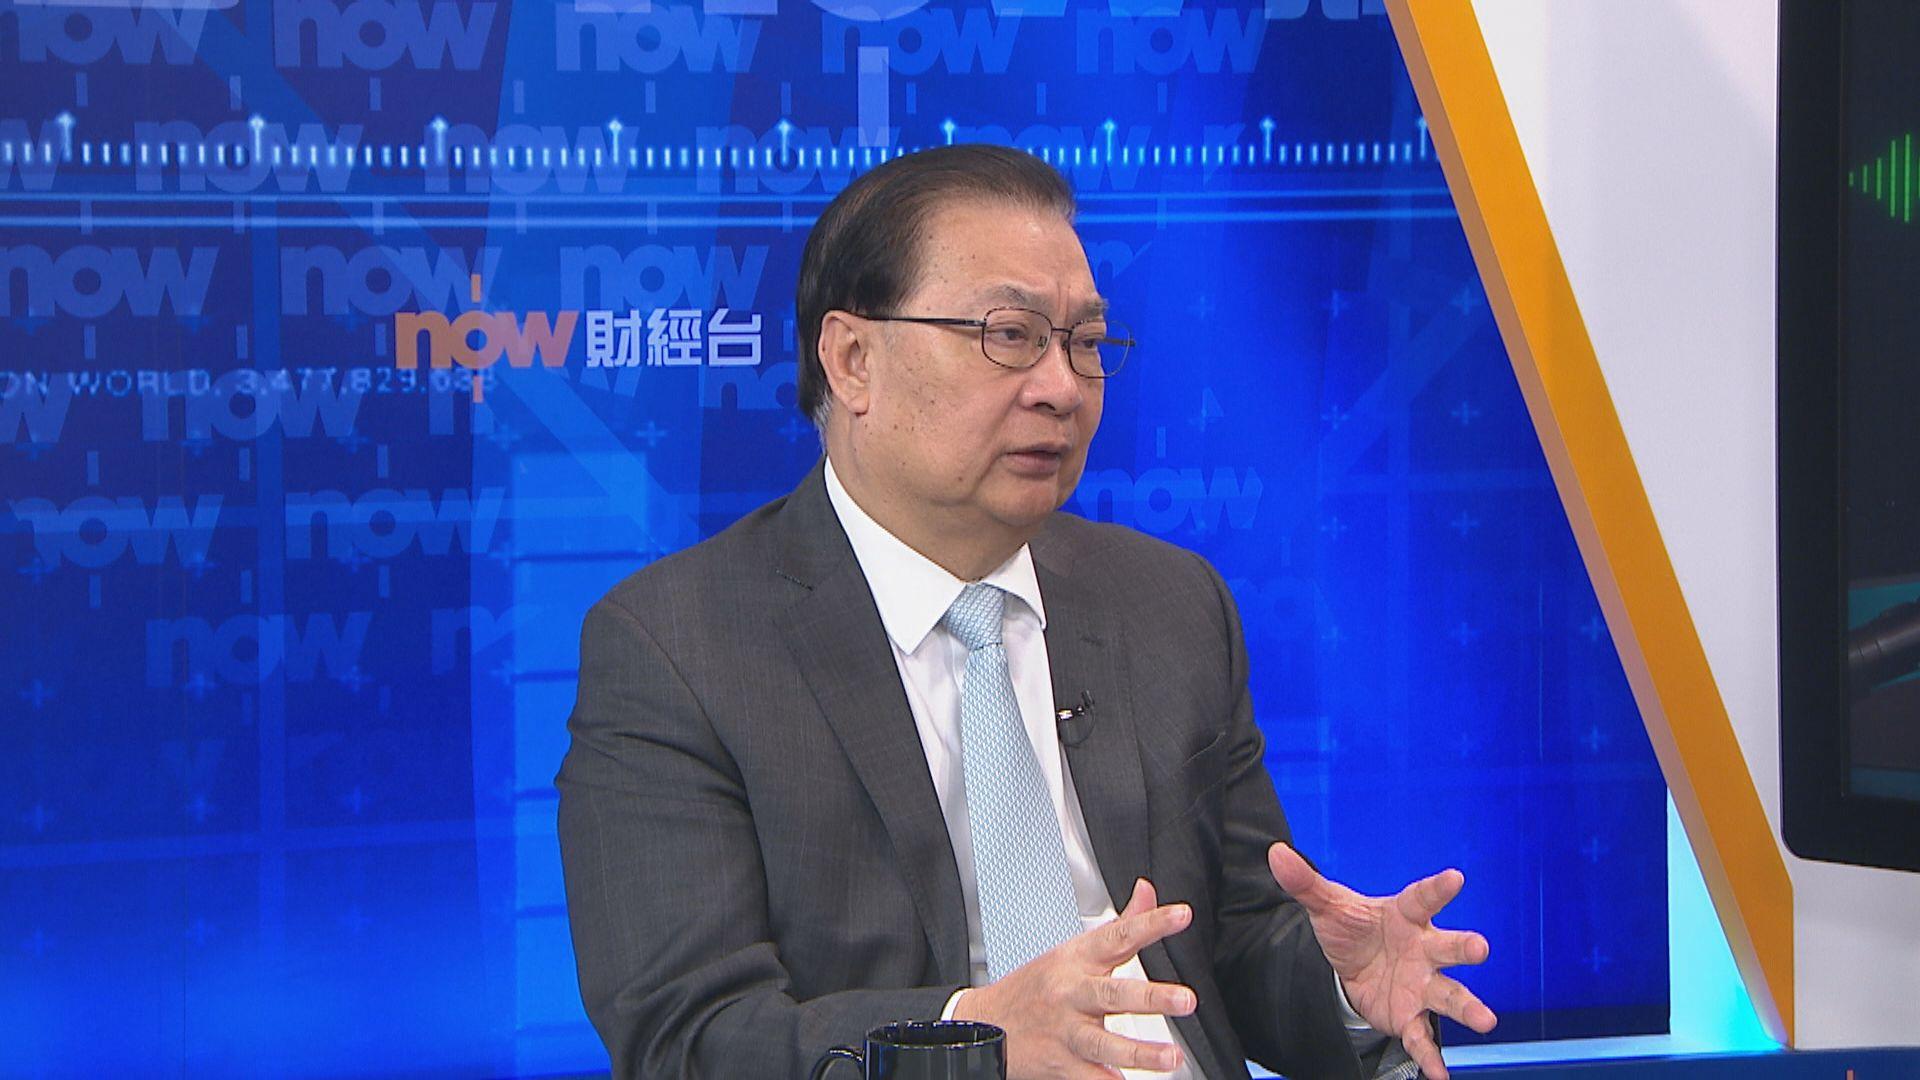 譚耀宗:應把握民主派離任時間 落實各項改善民生政策